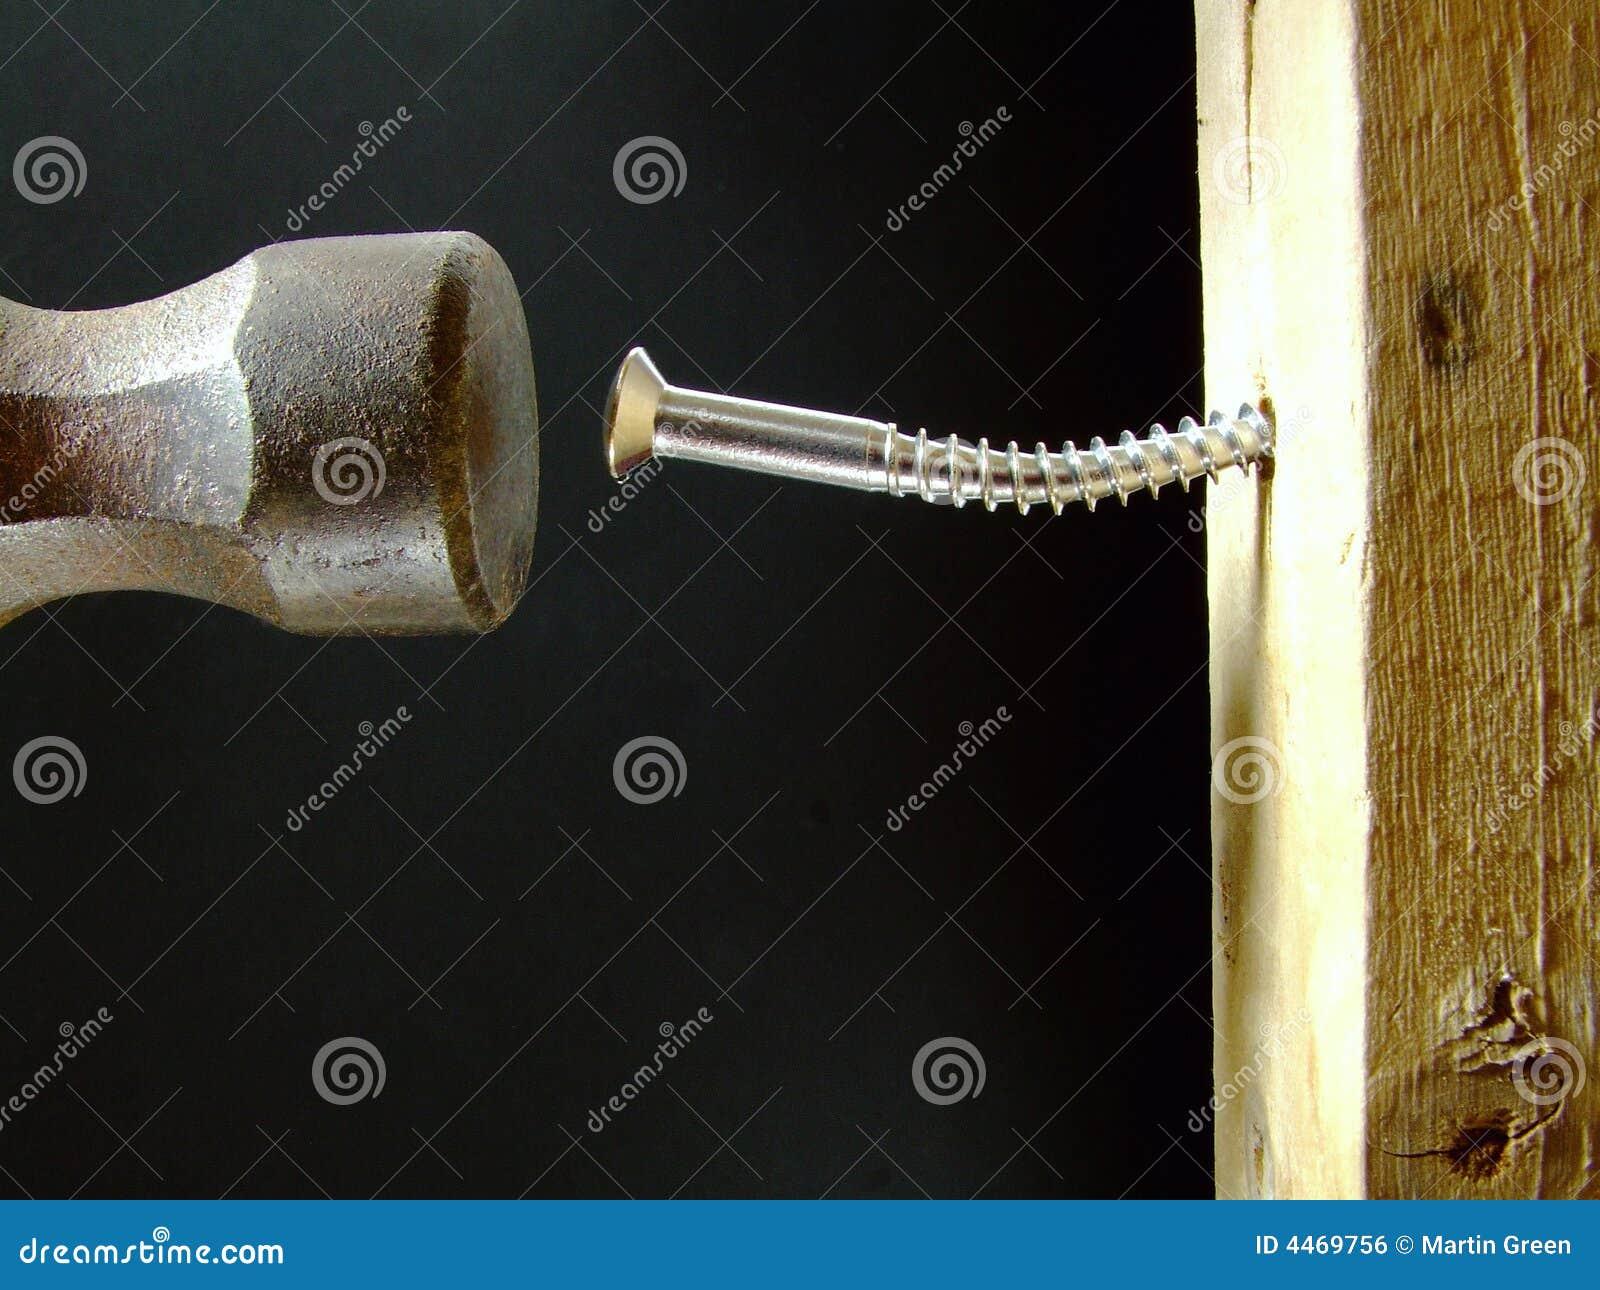 Hammern einer Schraube